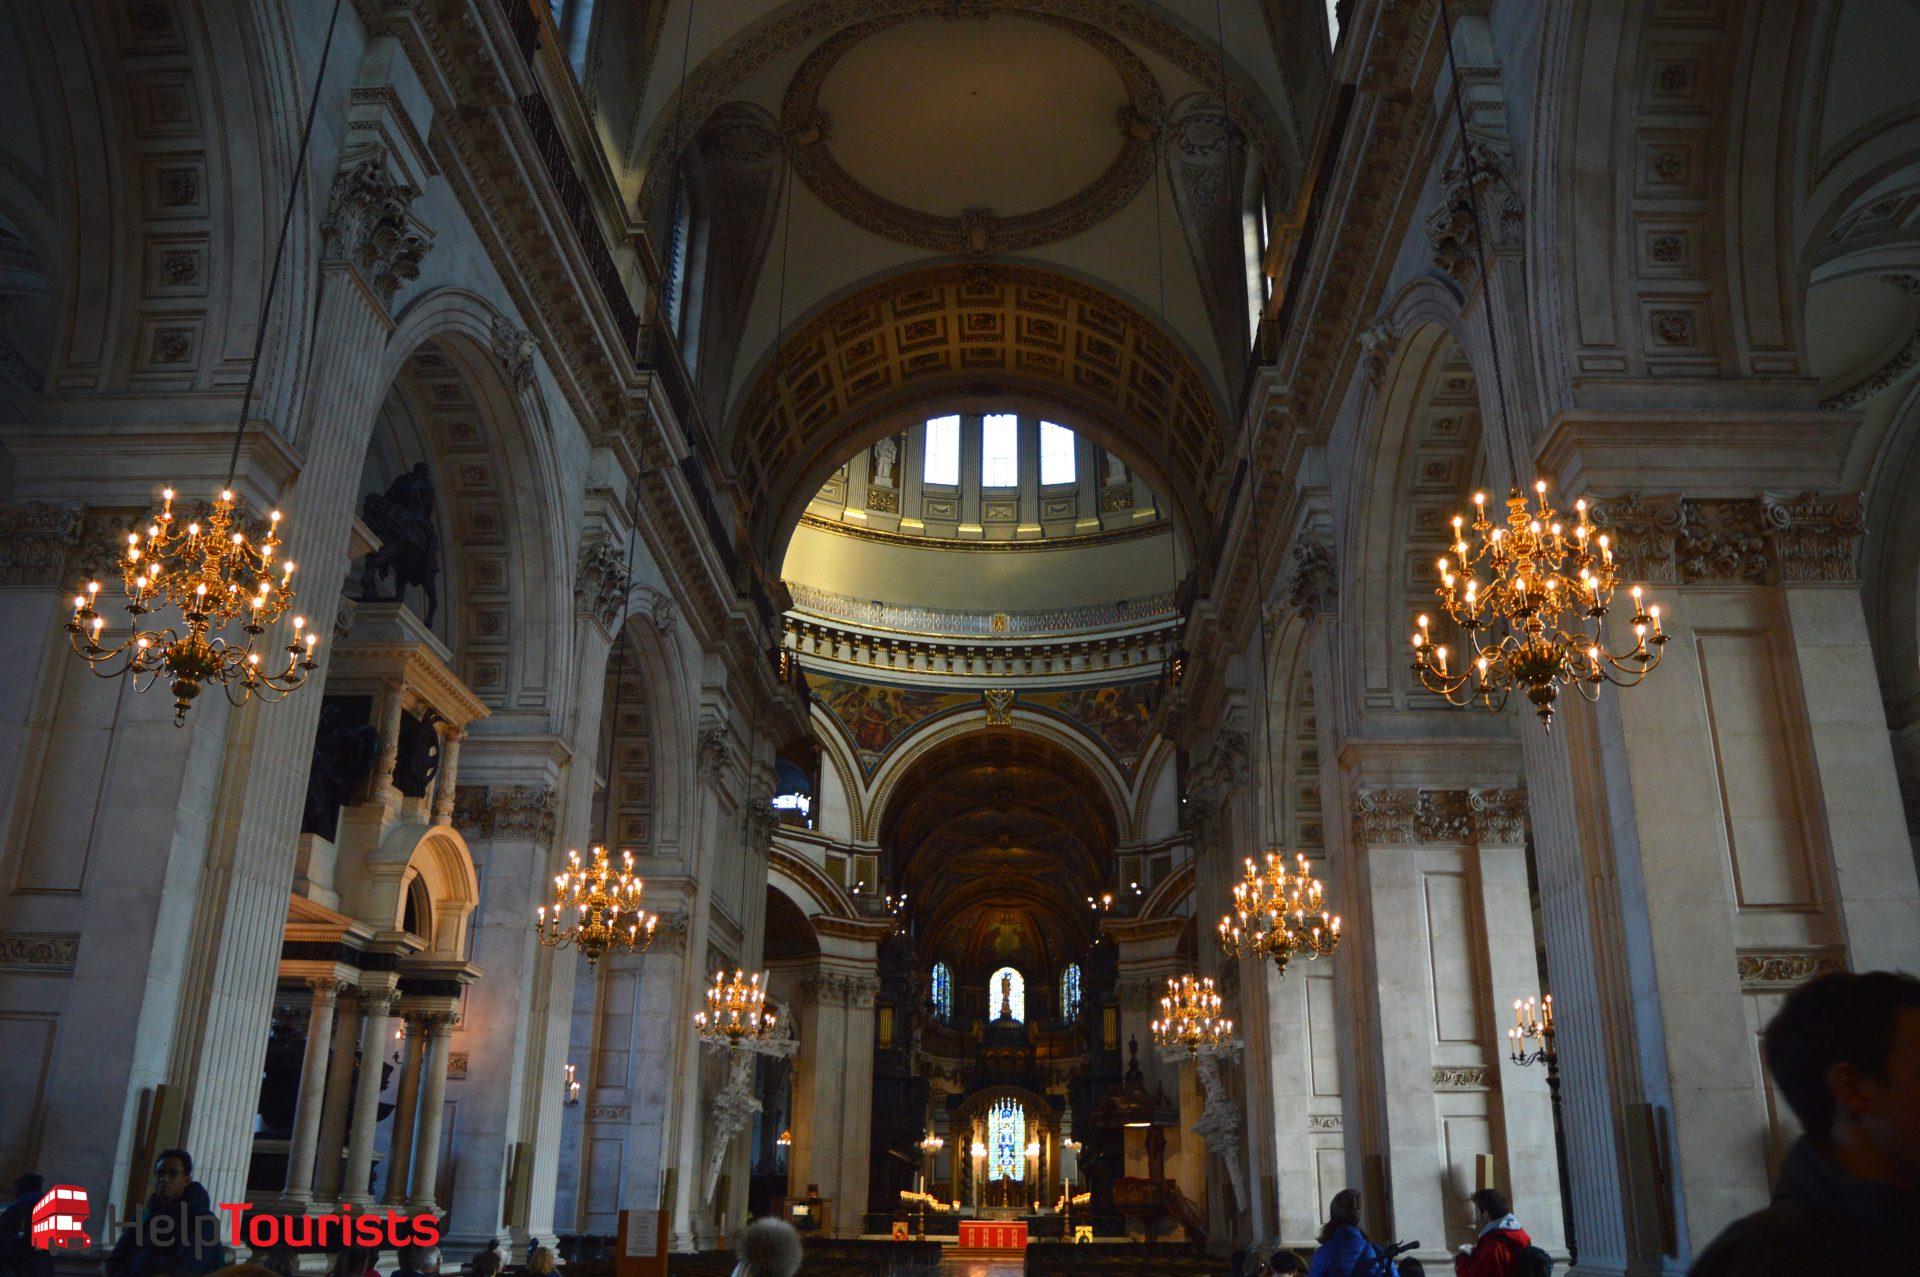 St Paul's Cathedral von innnen